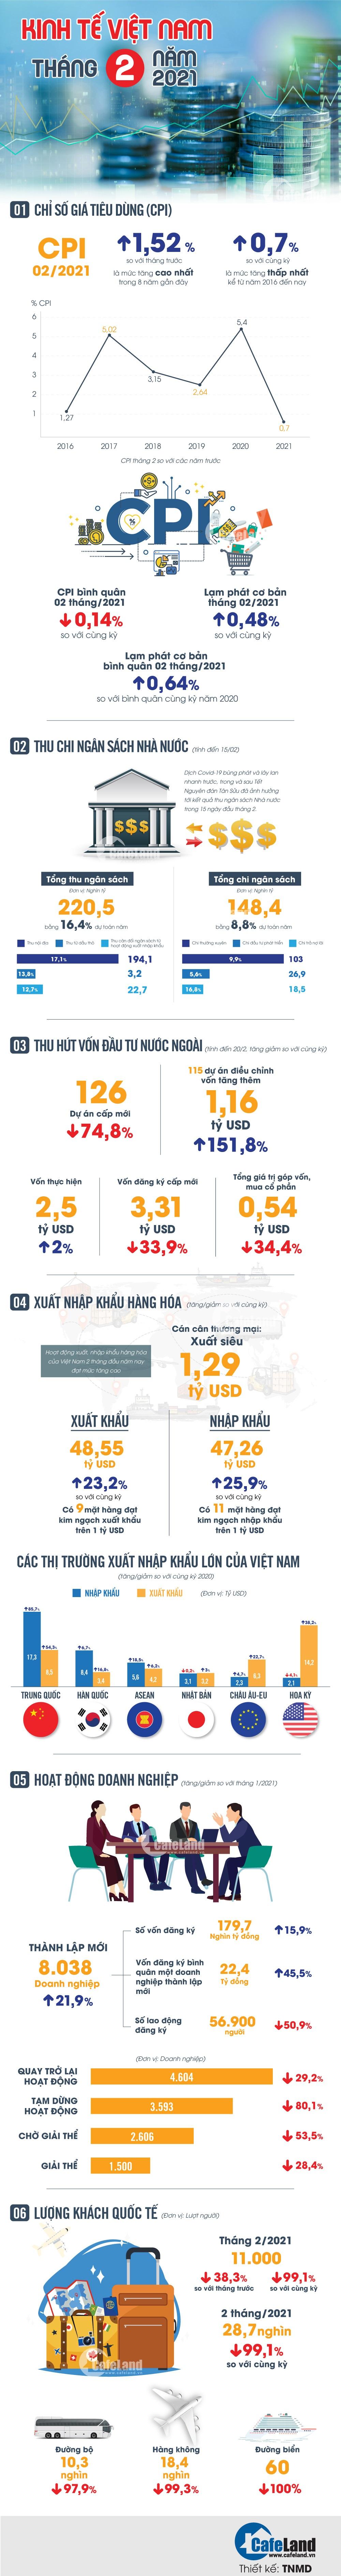 Kinh tế Việt Nam tháng 2 năm 2021